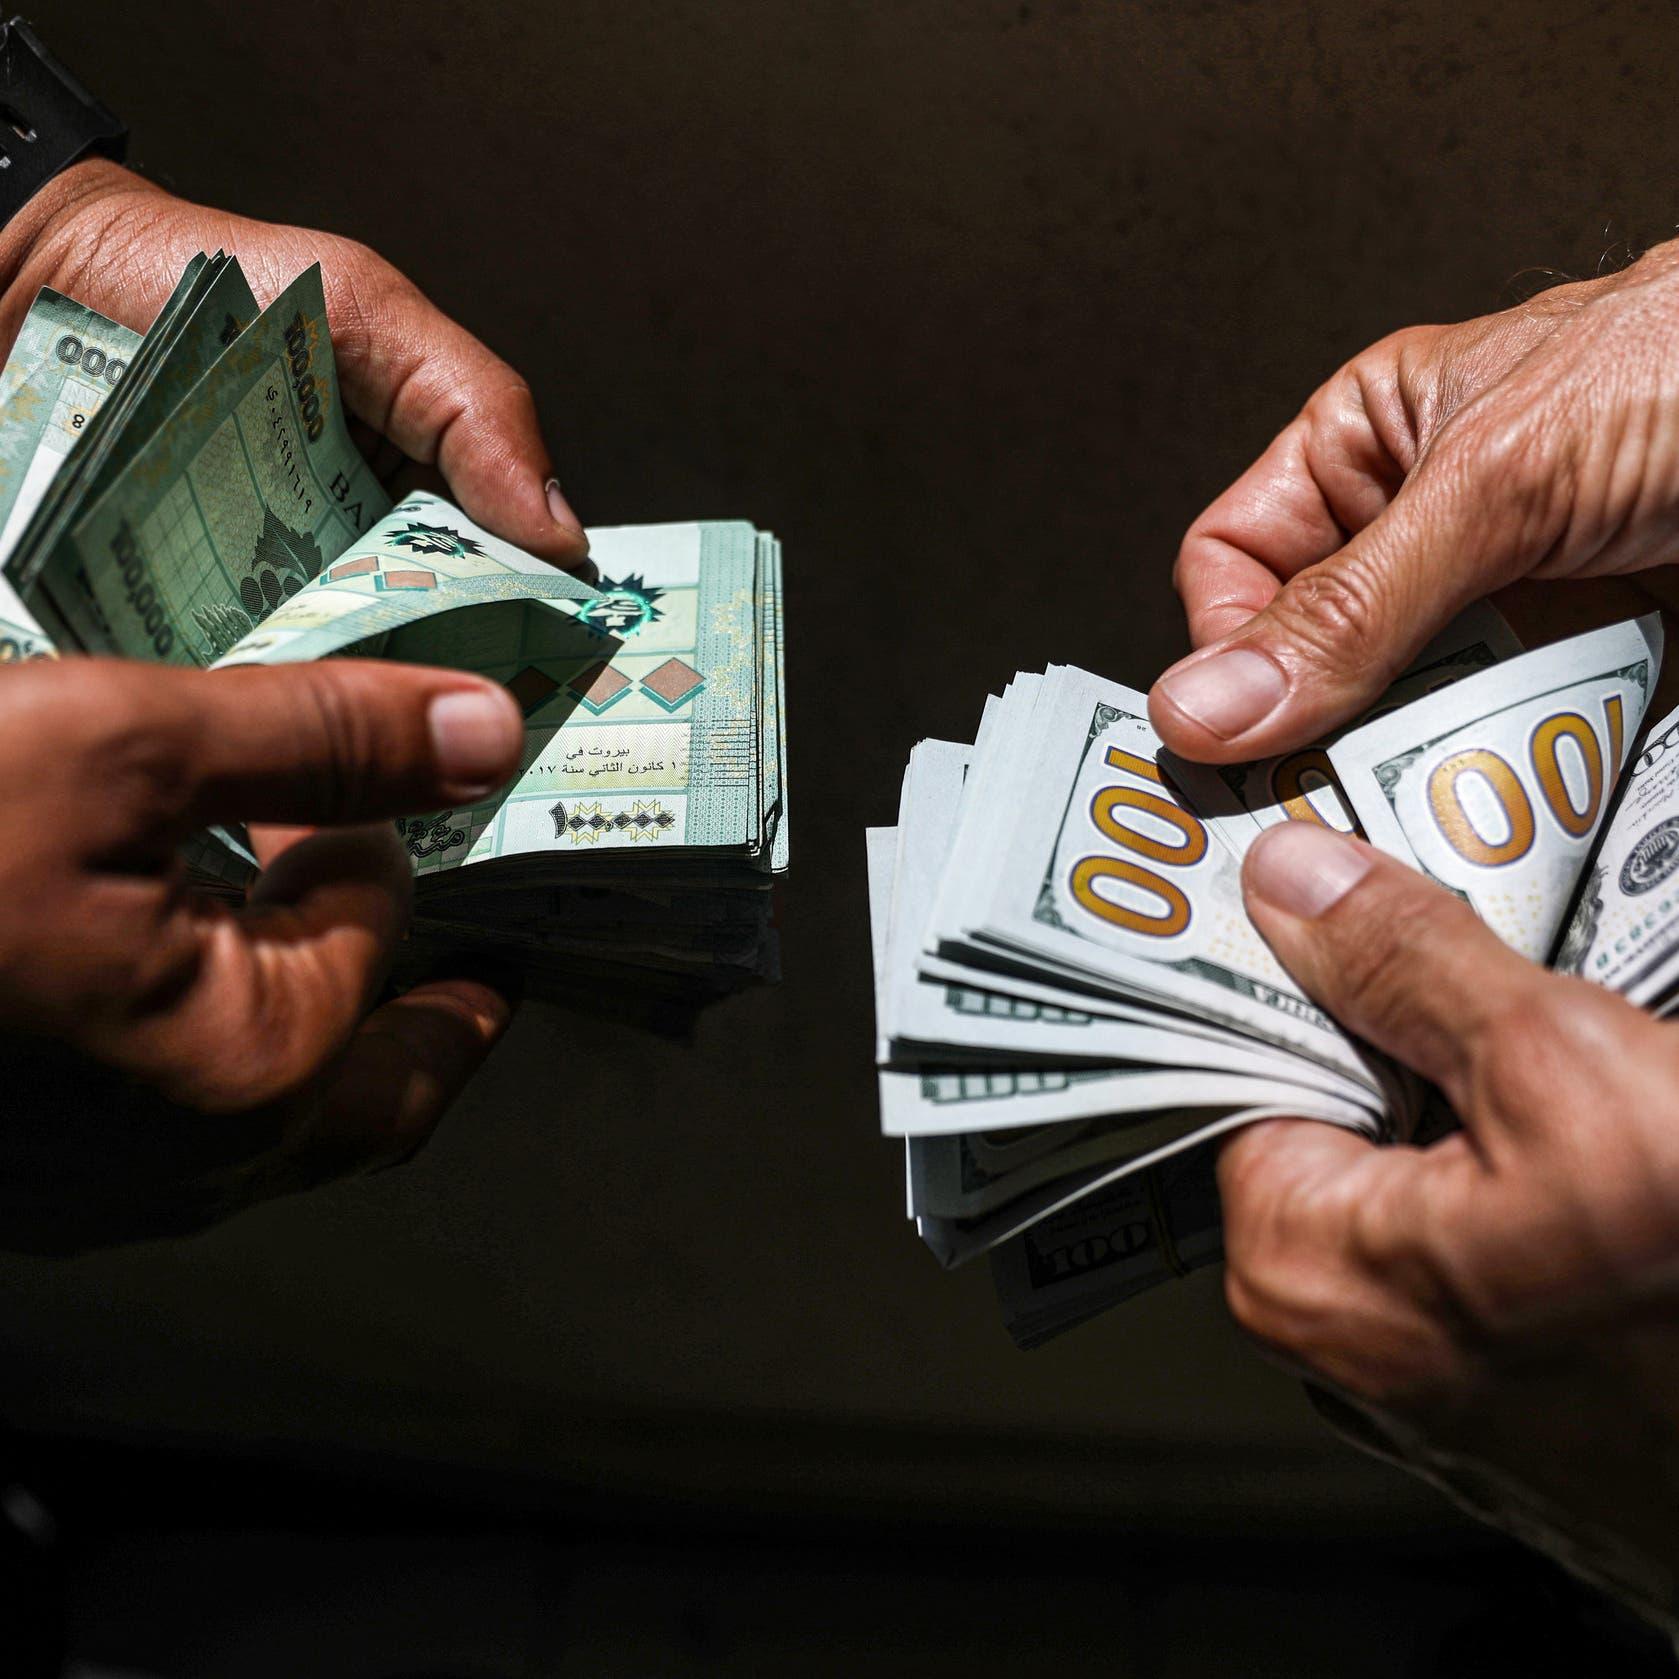 بدءاً من  يوليو.. مصرف لبنان يتيح سحبما يعادل 800 دولار شهرياً